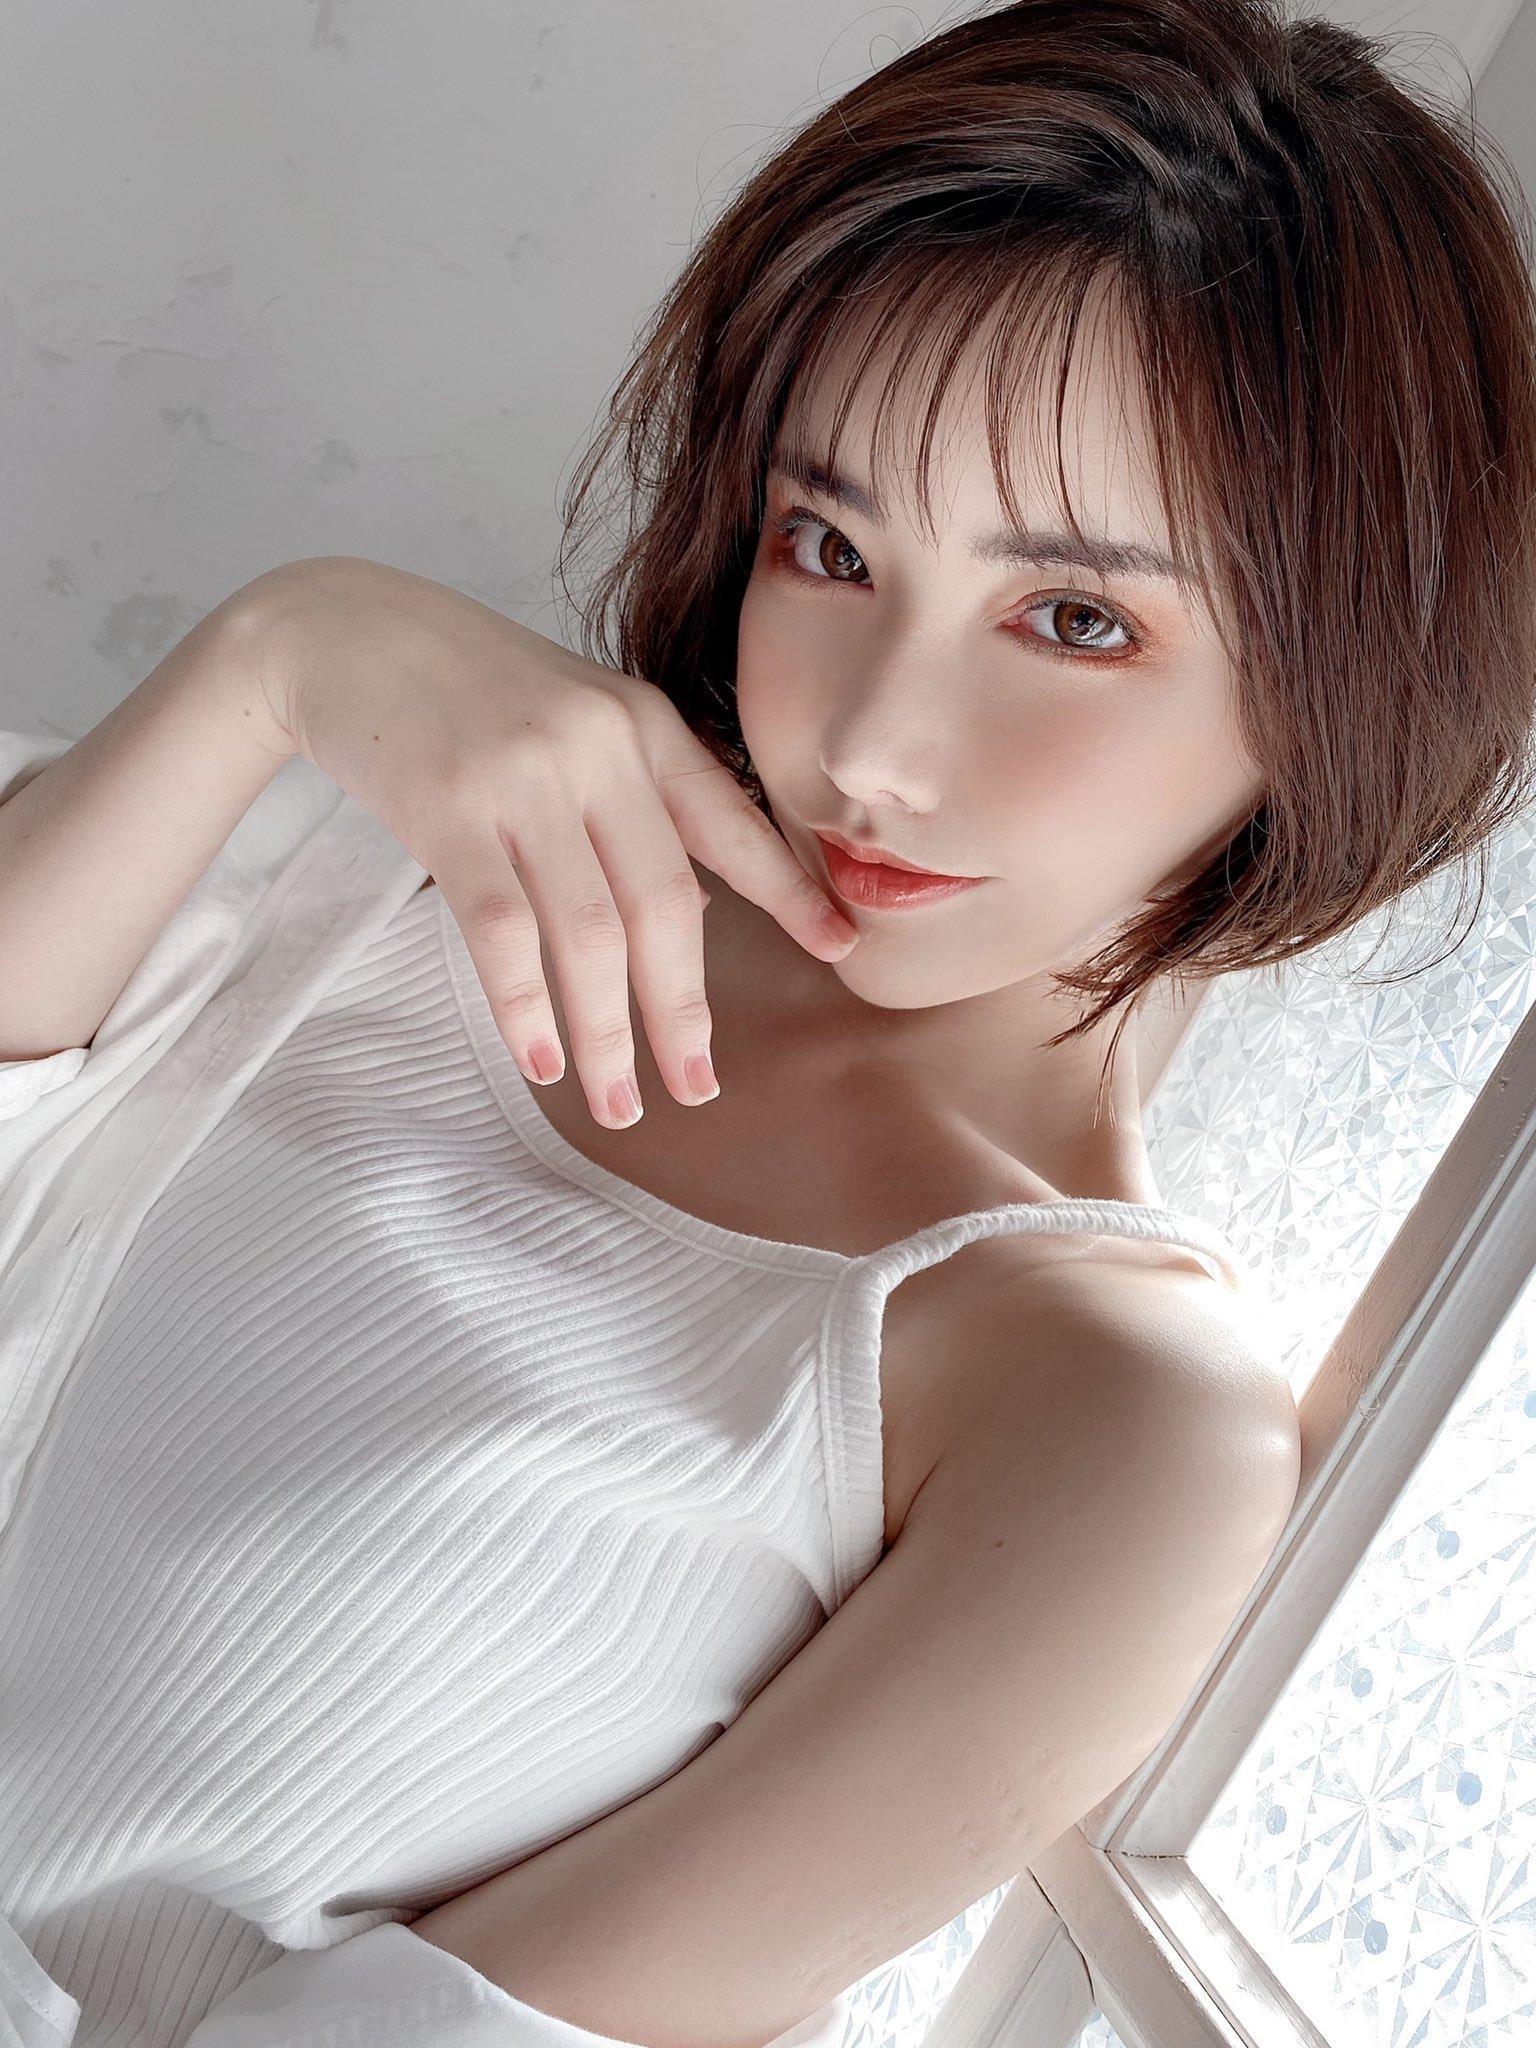 深田咏美再现魅魔 葵铃奈瘦小水着插图(73)